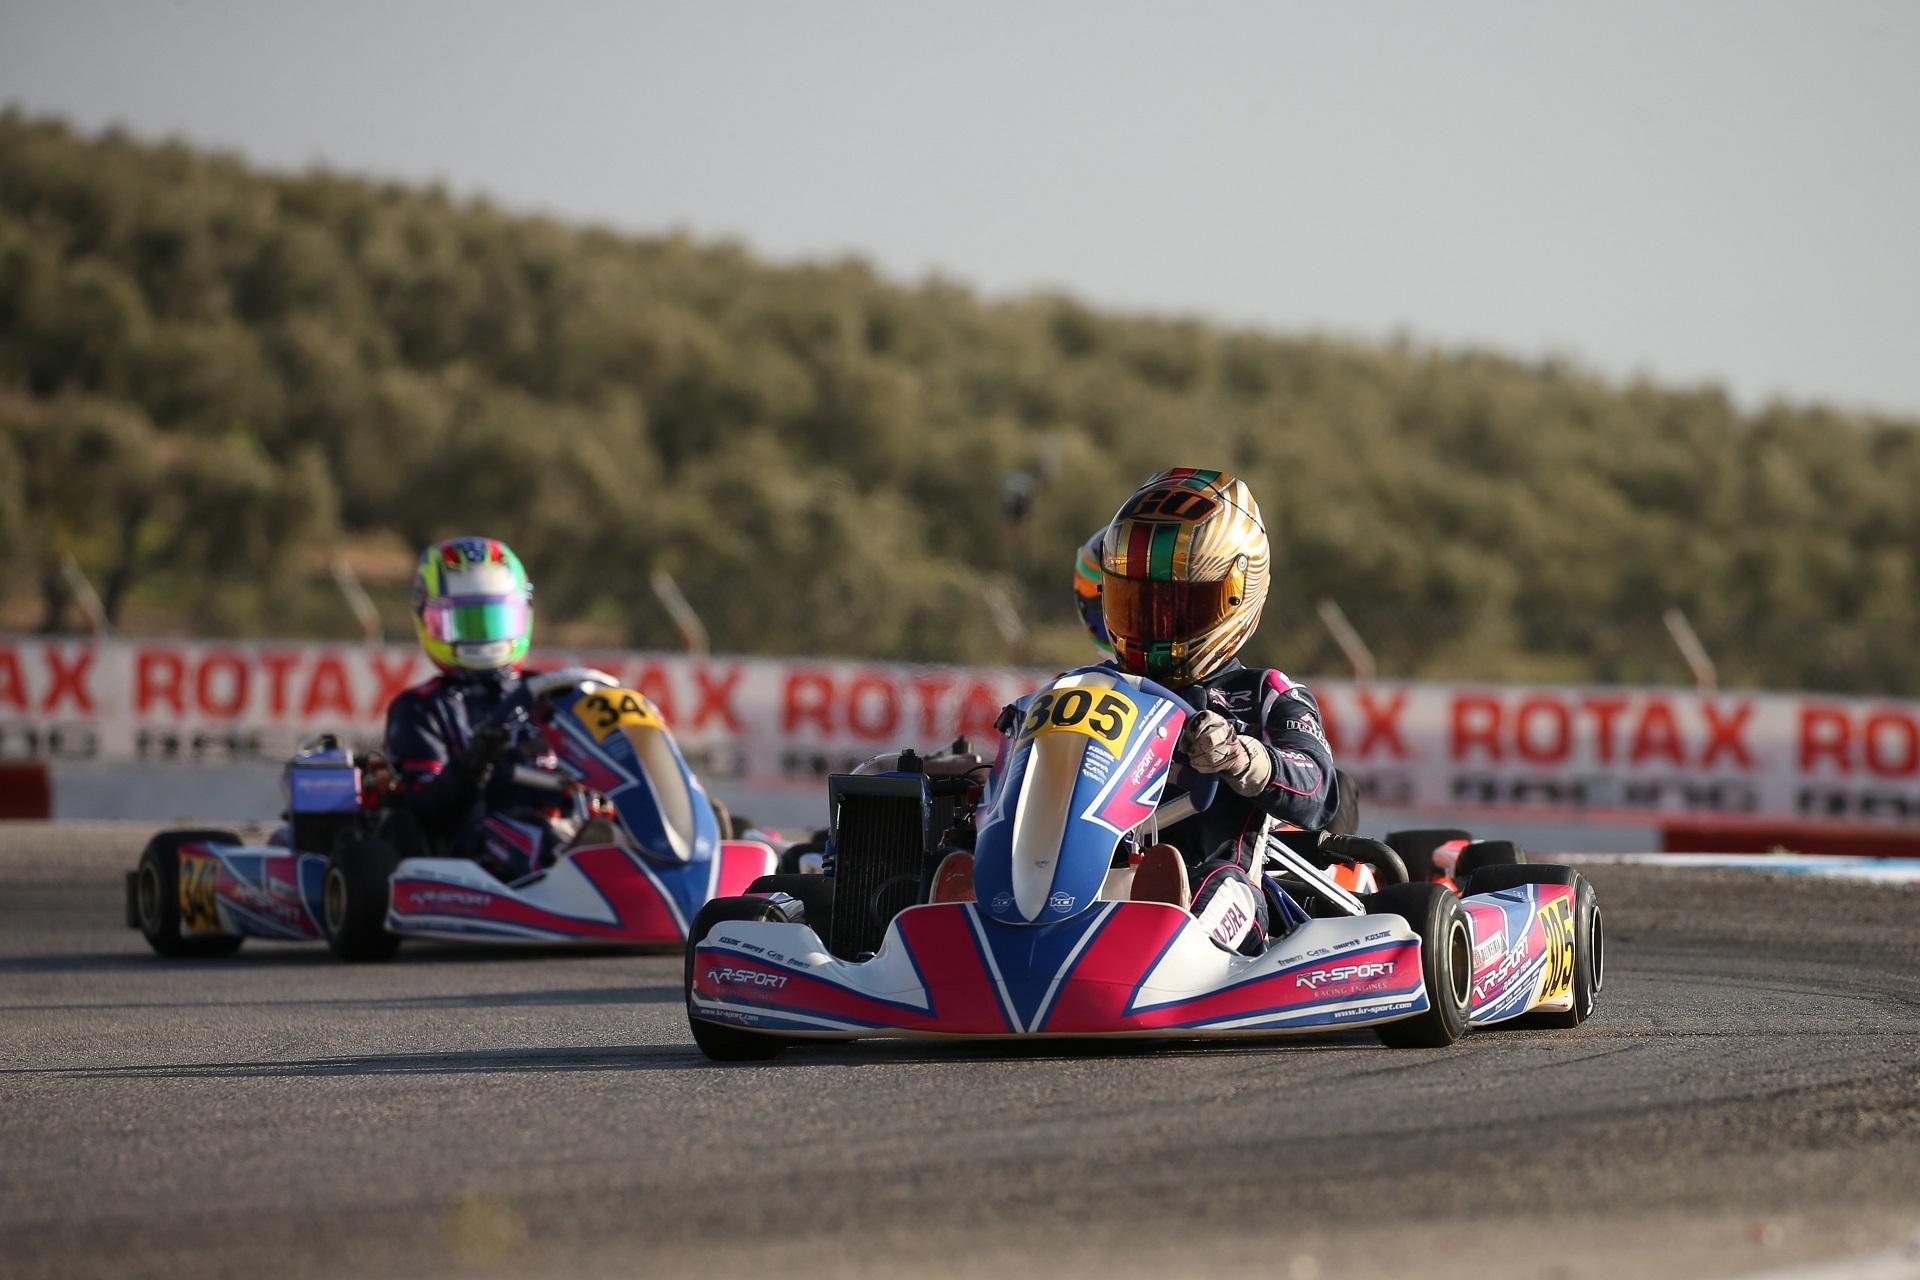 Guilherme de Oliveira inglório nas duas Finais da Rotax Winter Cup Sénior Max